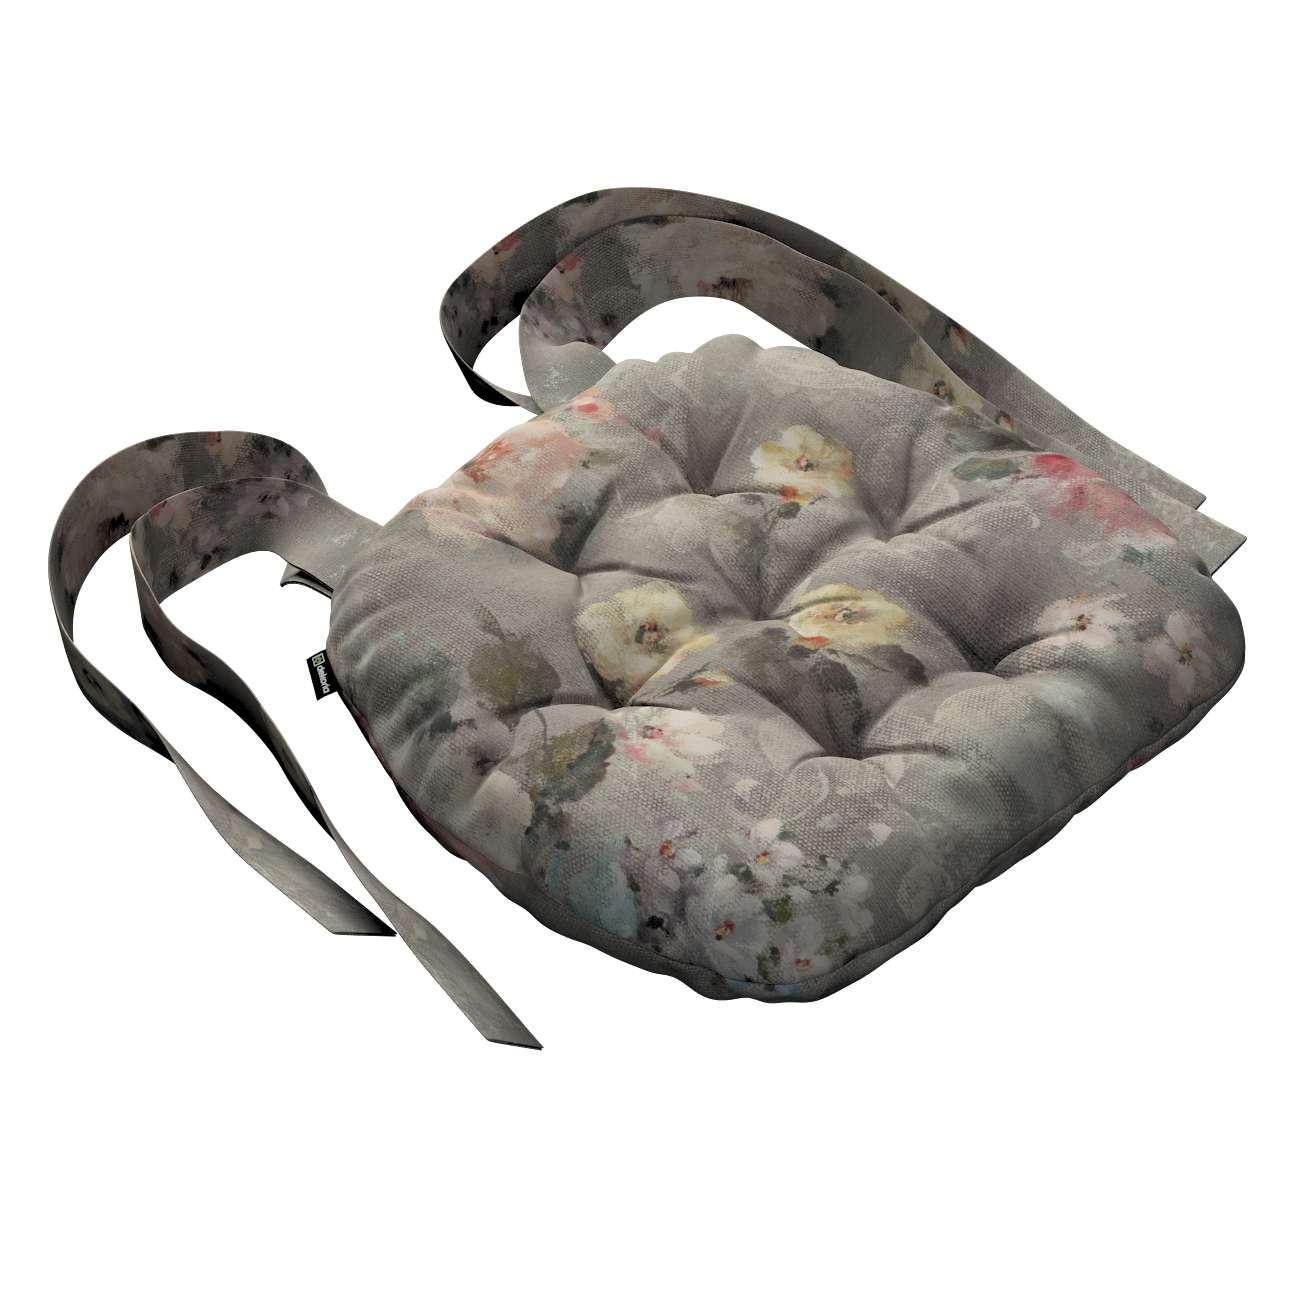 Siedzisko Marcin na krzesło 40x37x8cm w kolekcji Monet, tkanina: 137-81